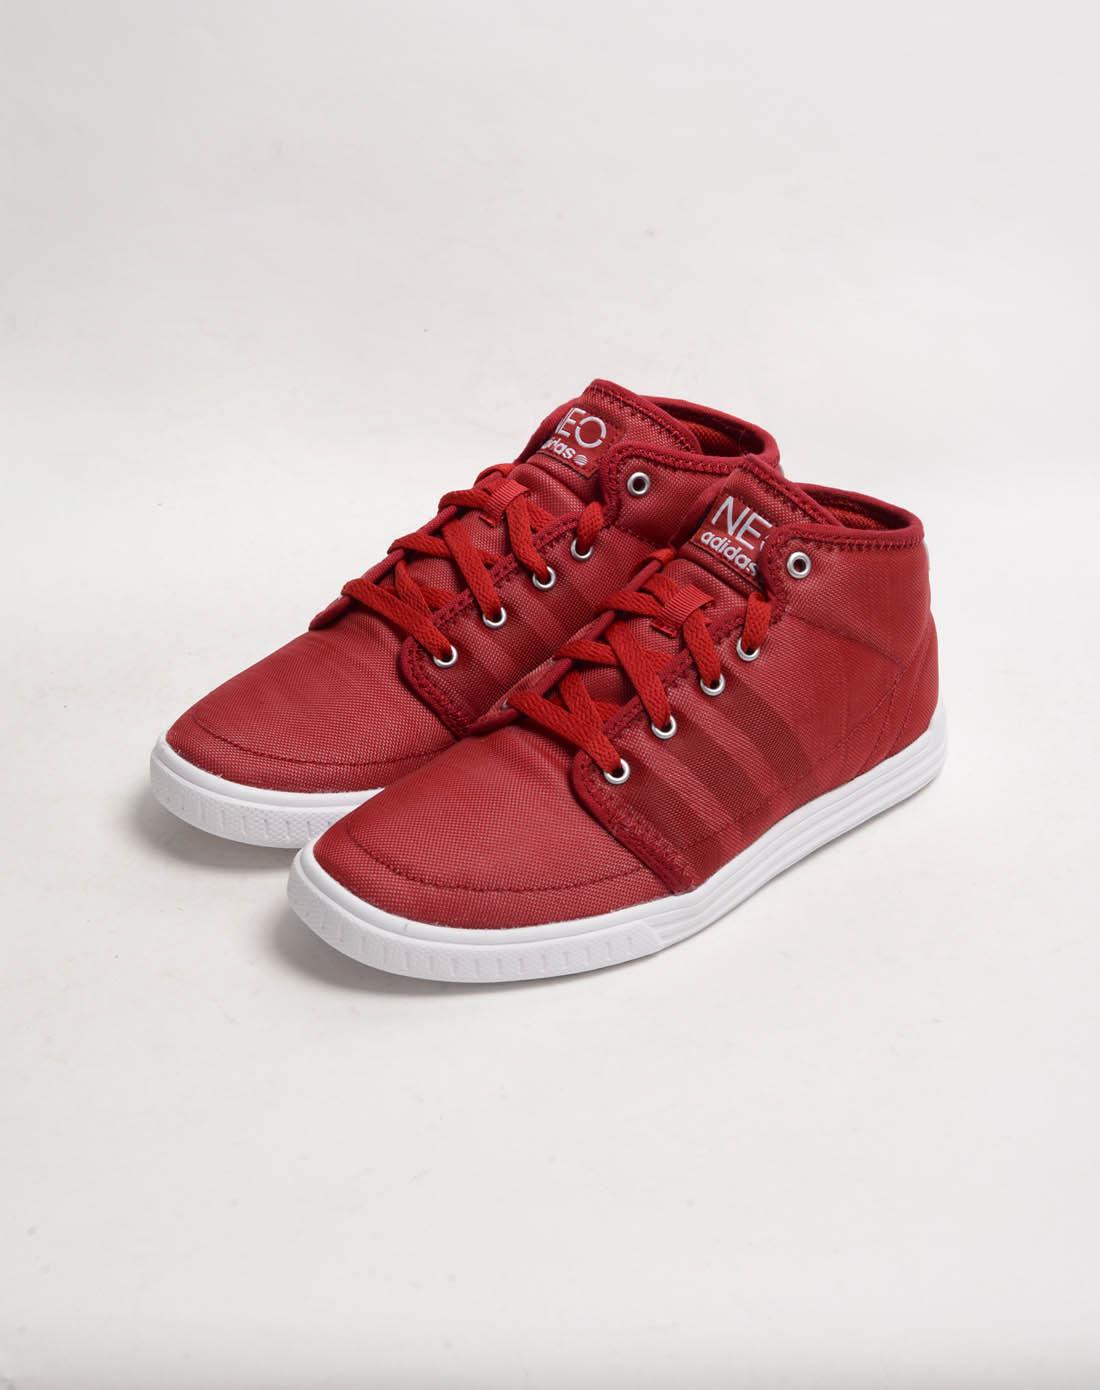 阿迪达斯adidas男鞋专场 男子红色复古鞋-阿迪达斯男鞋网鞋 阿迪达斯